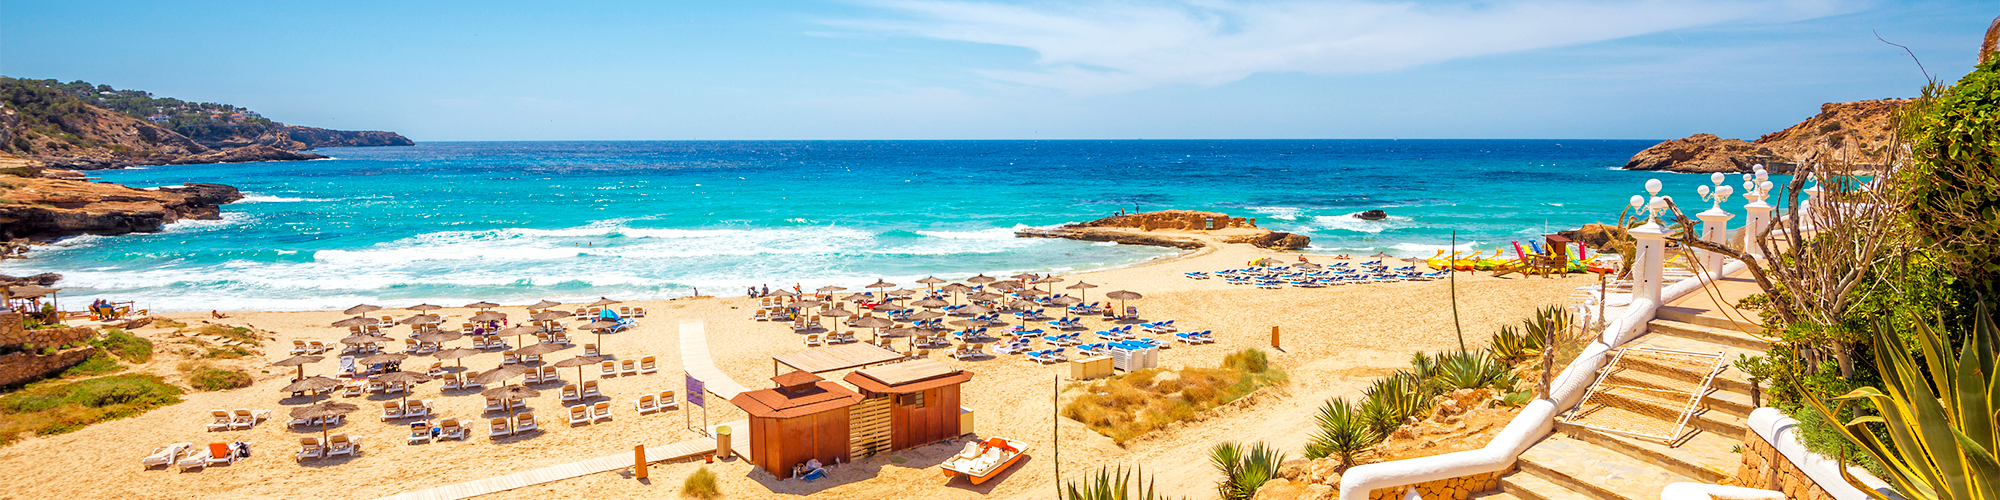 Mediterranean holiday deals 2018